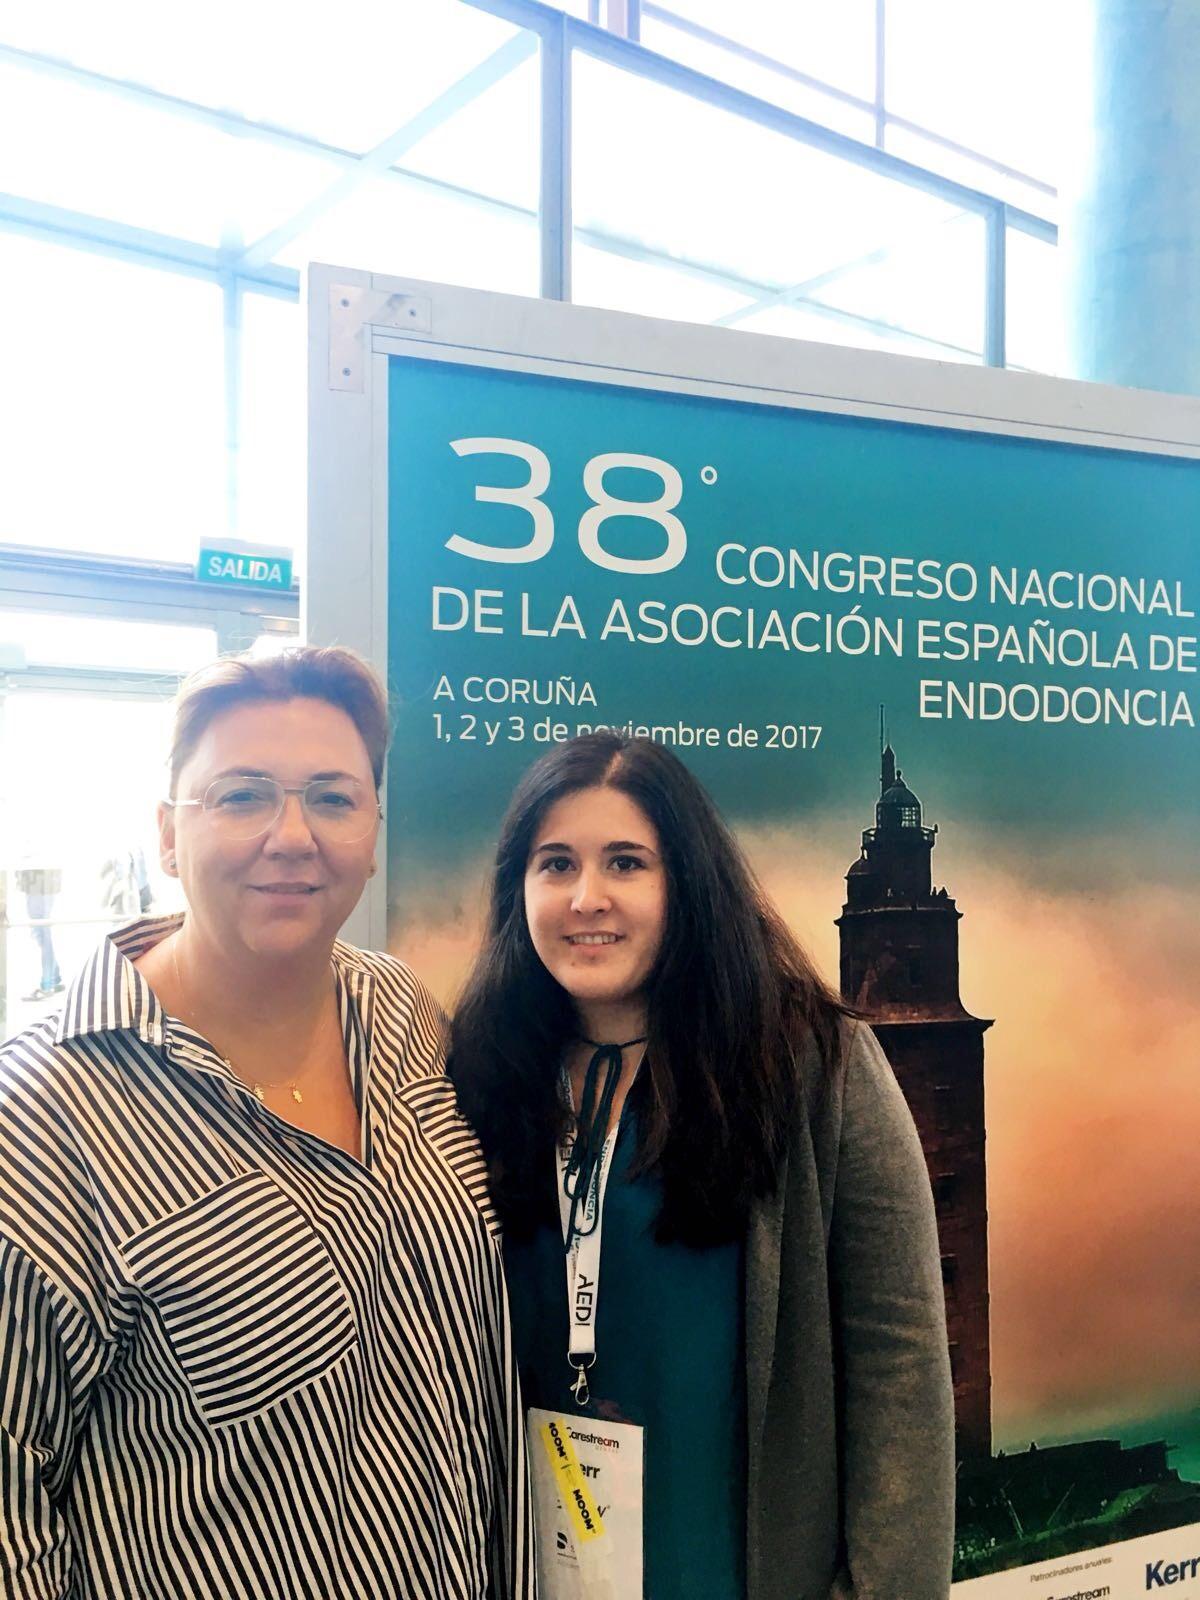 CONGRESO NACIONAL ASOCIACION ESPAÑOLA ENDODONCIA